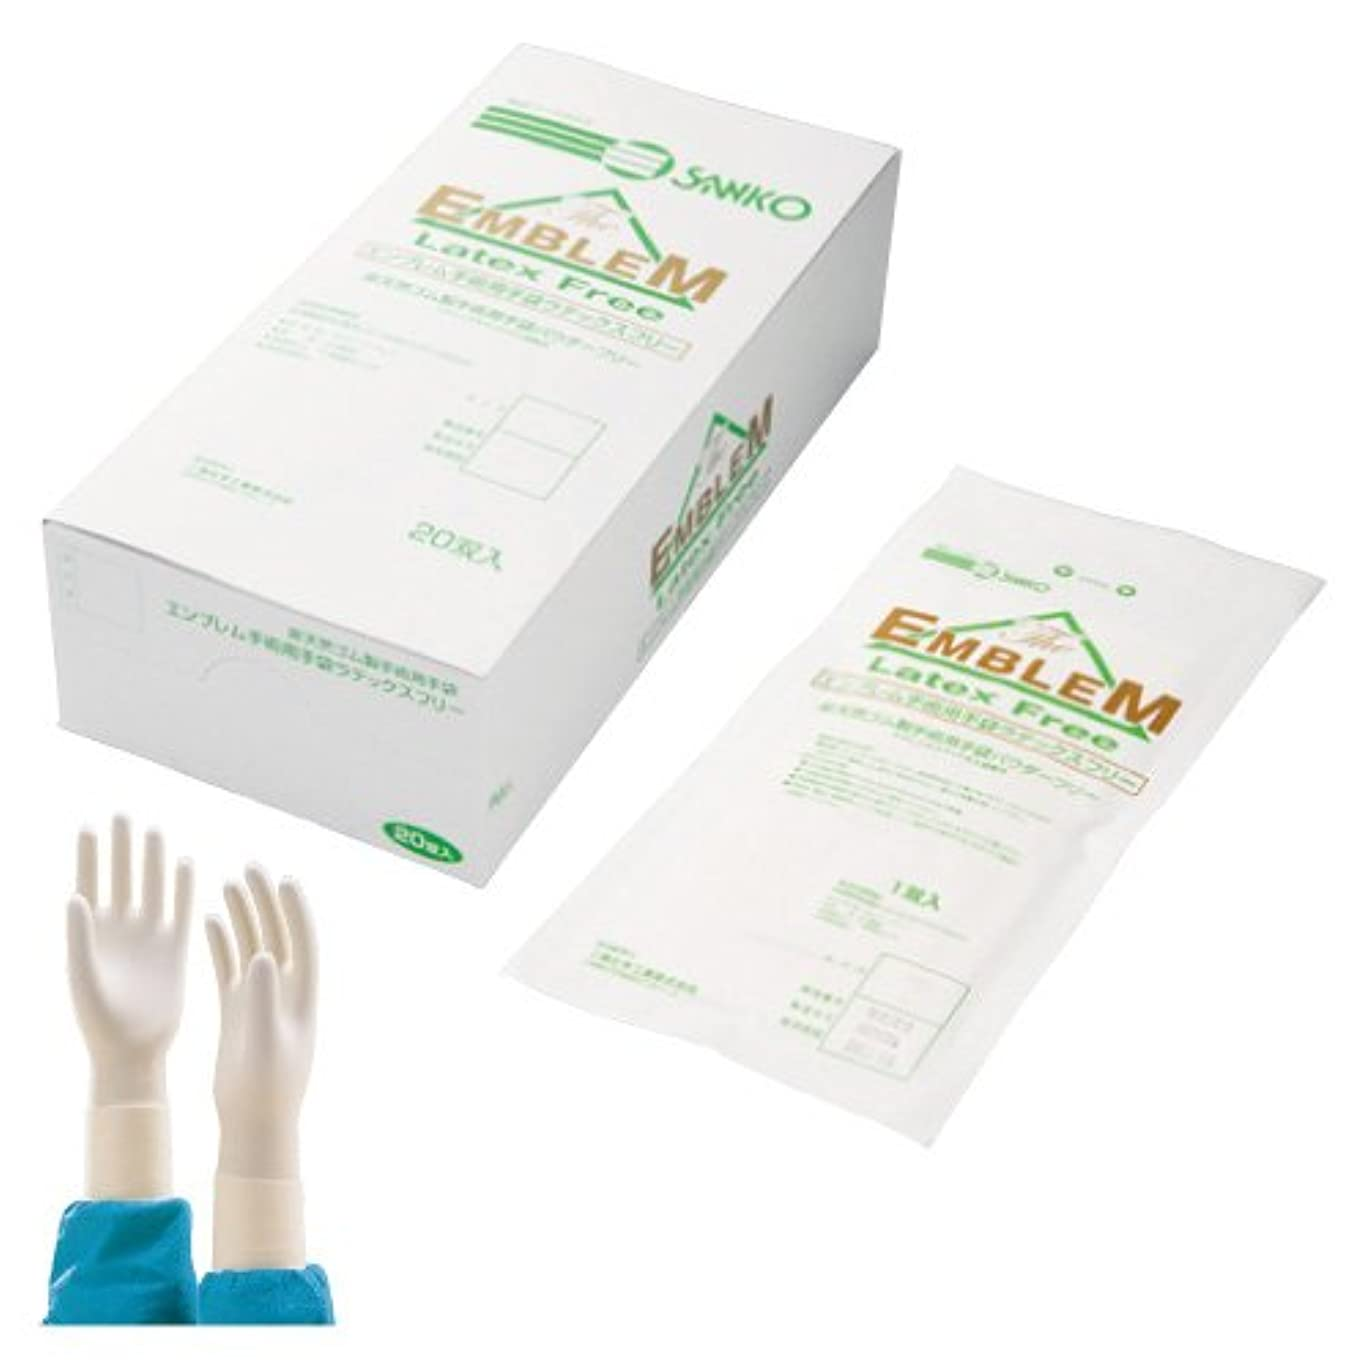 しなければならないエスカレーターシネウィエンブレム手術用手袋 8 <1箱(20双入)>